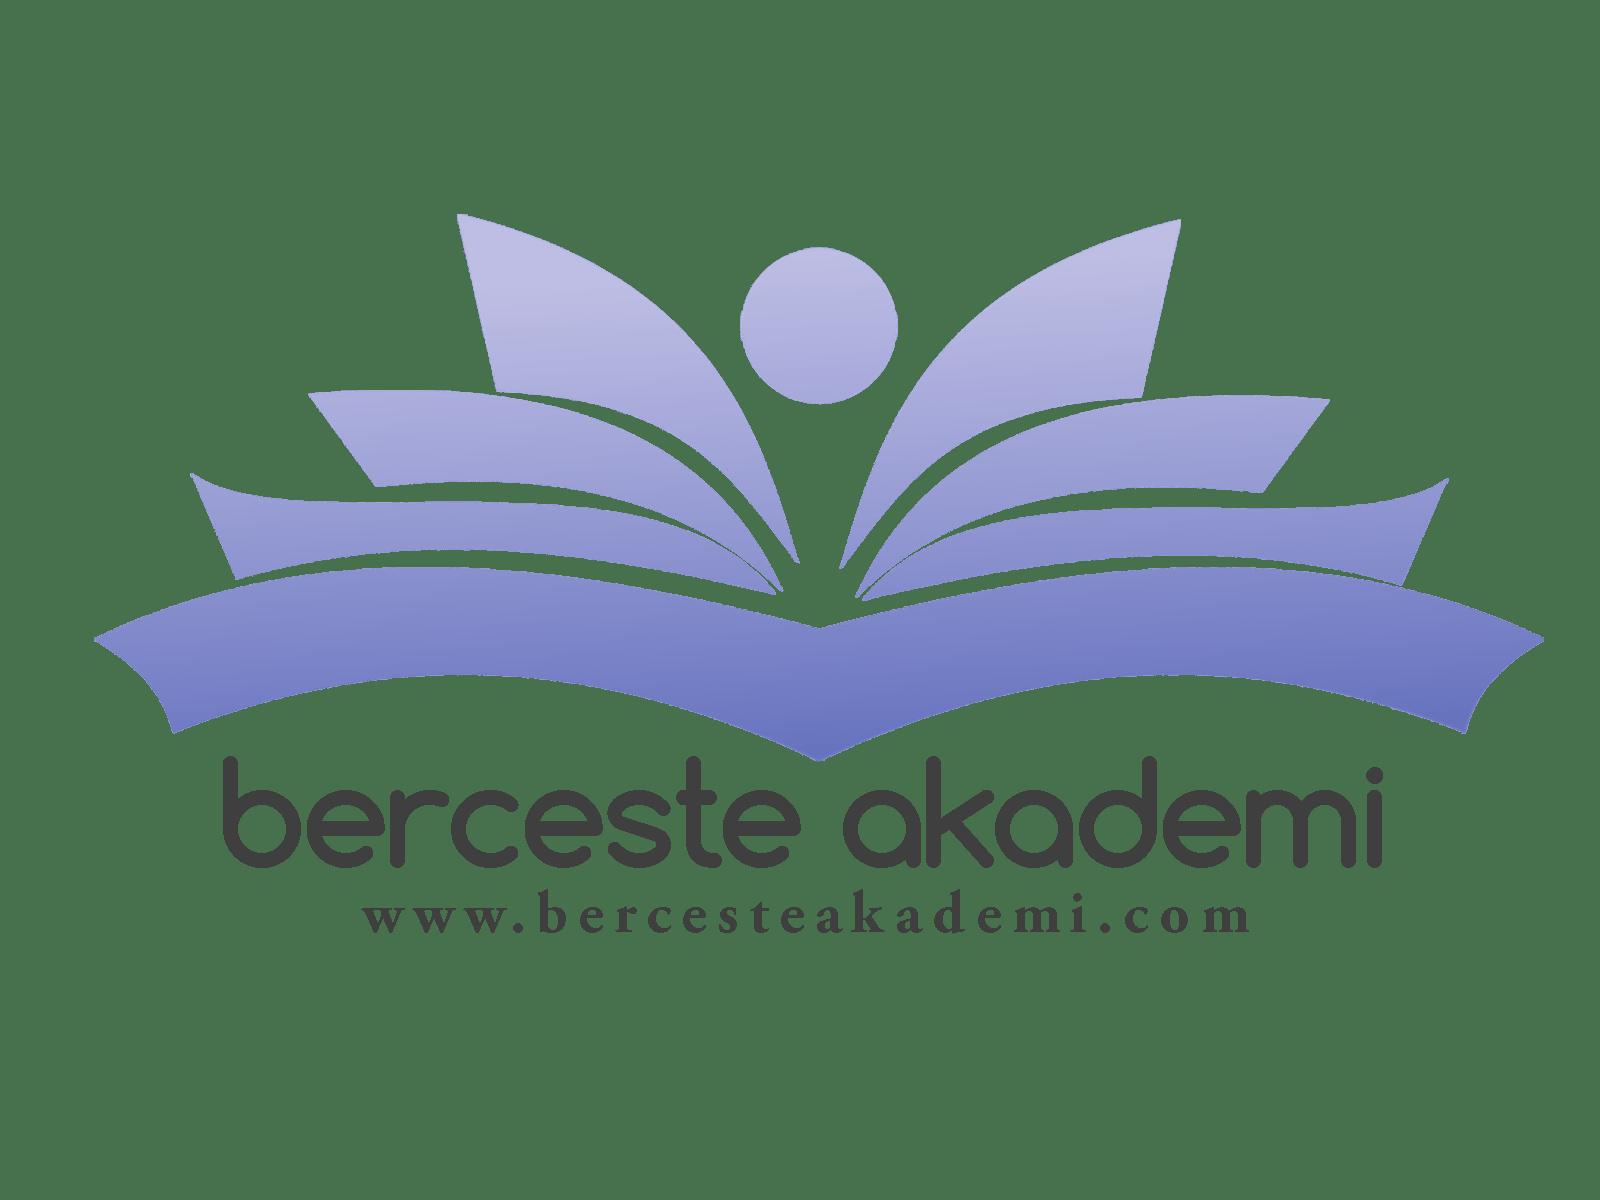 Berceste Akademi